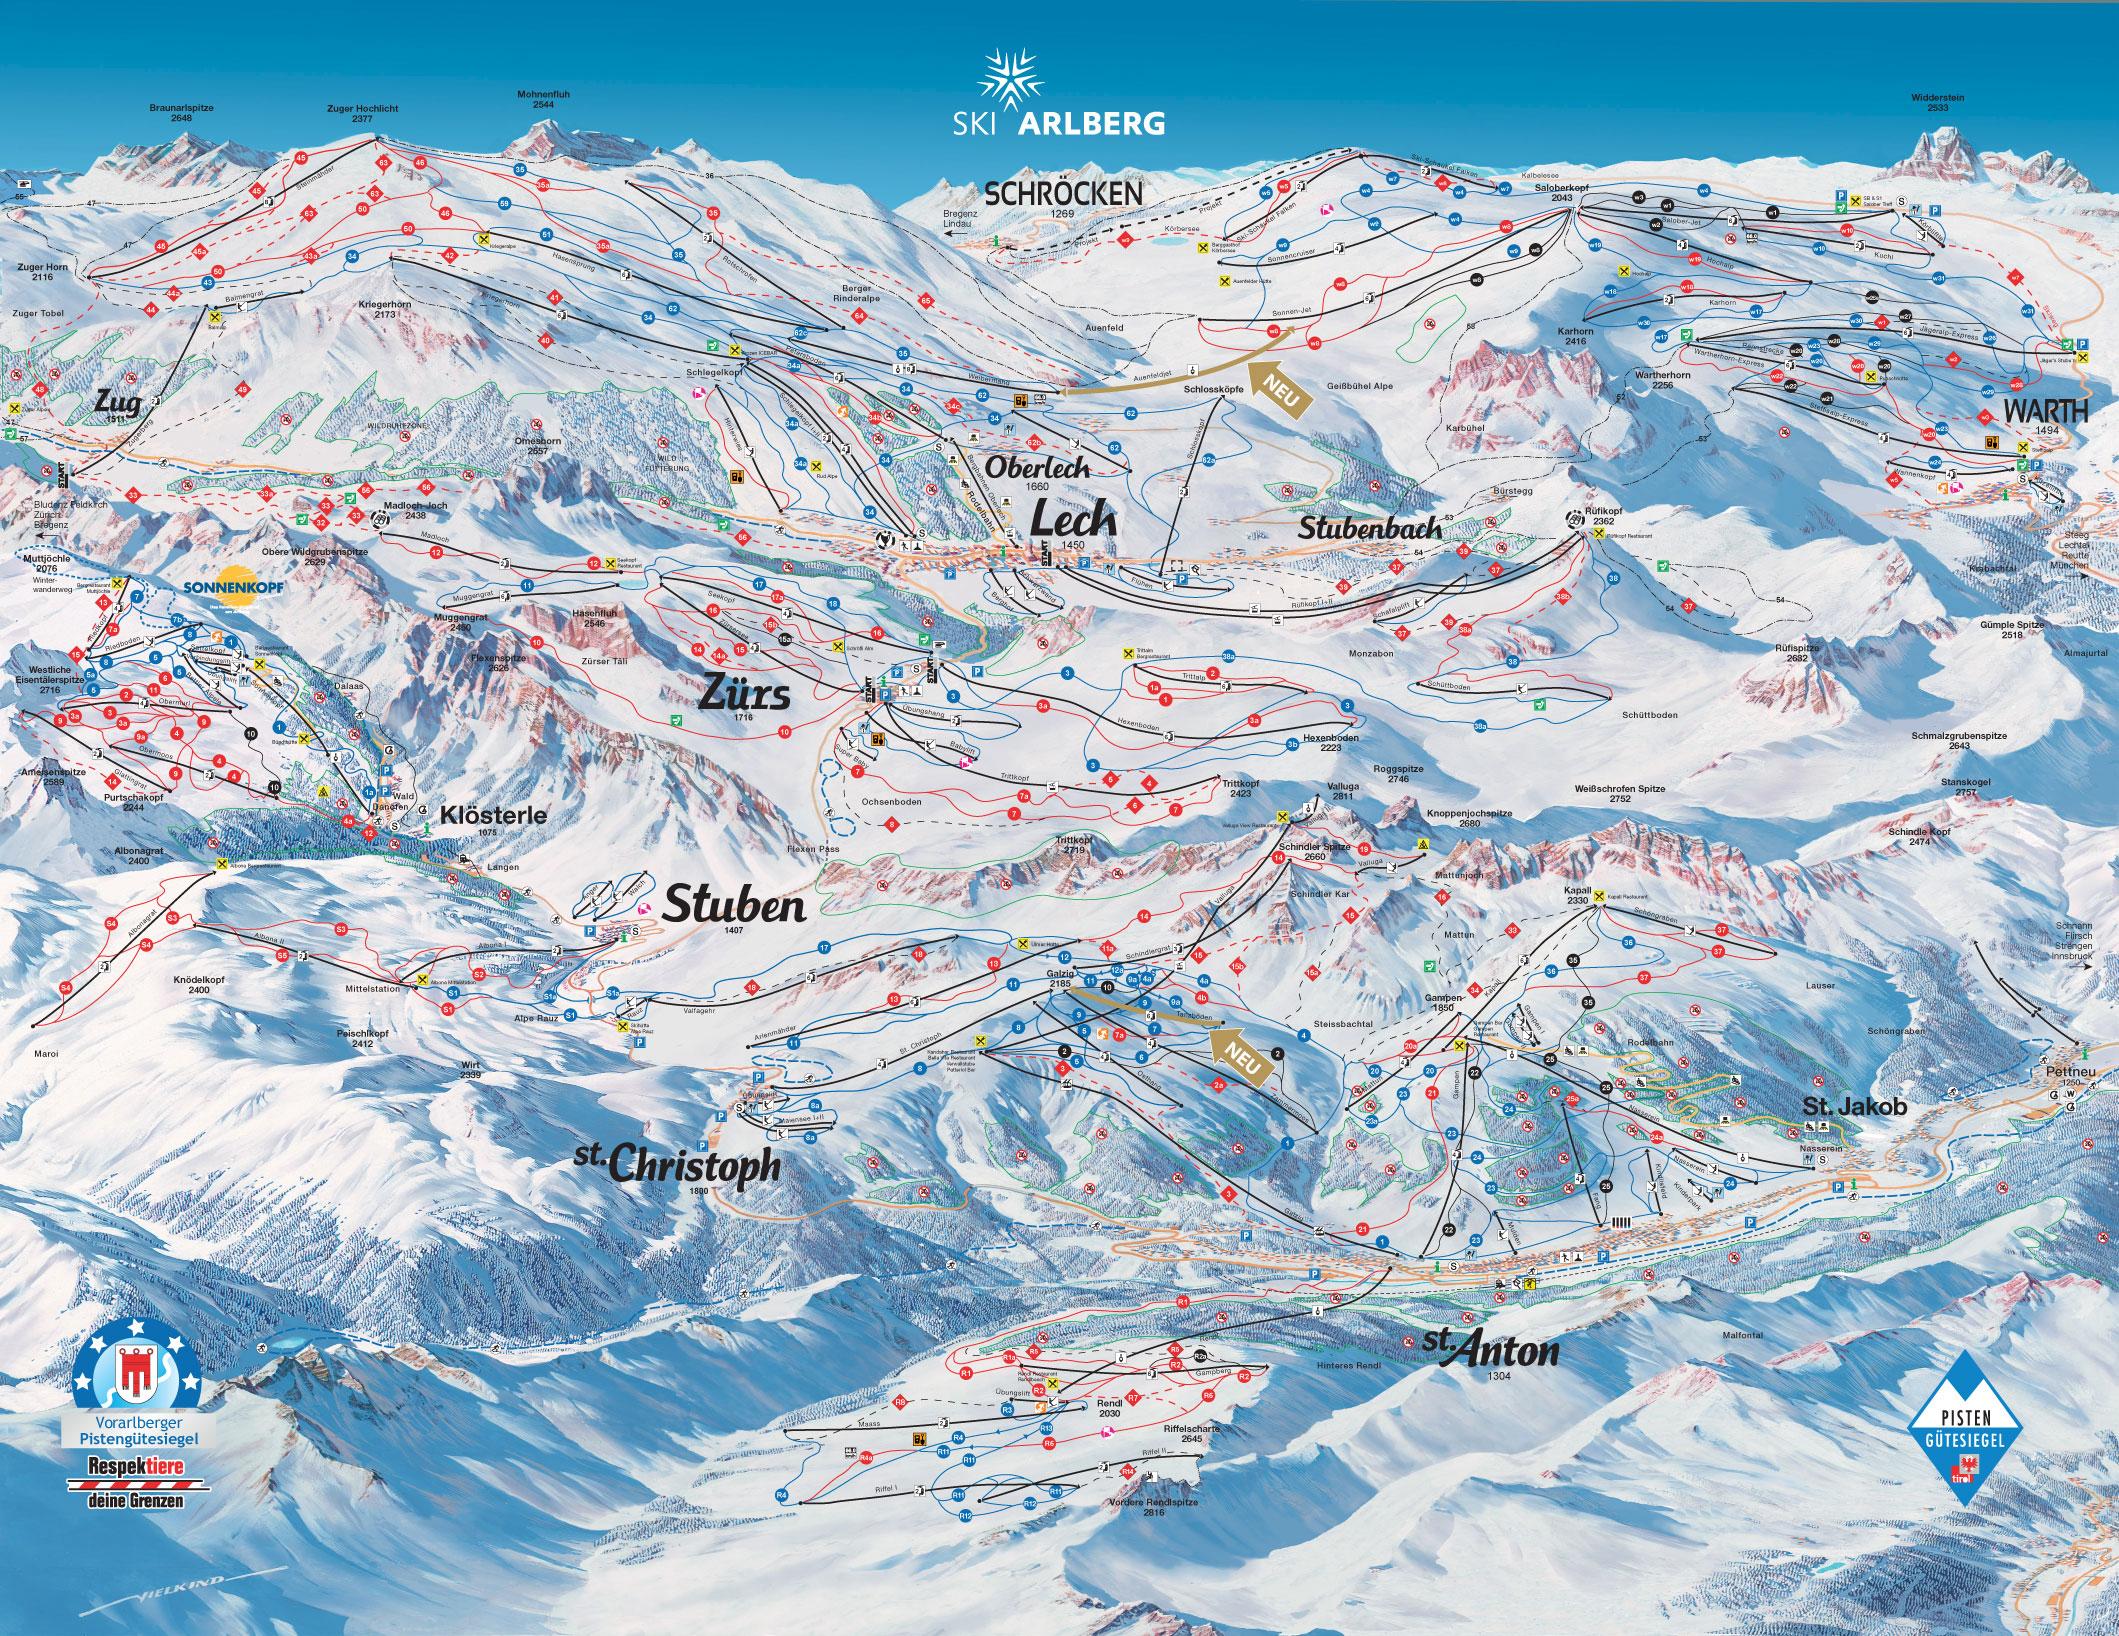 Mapa da pista LechZurs